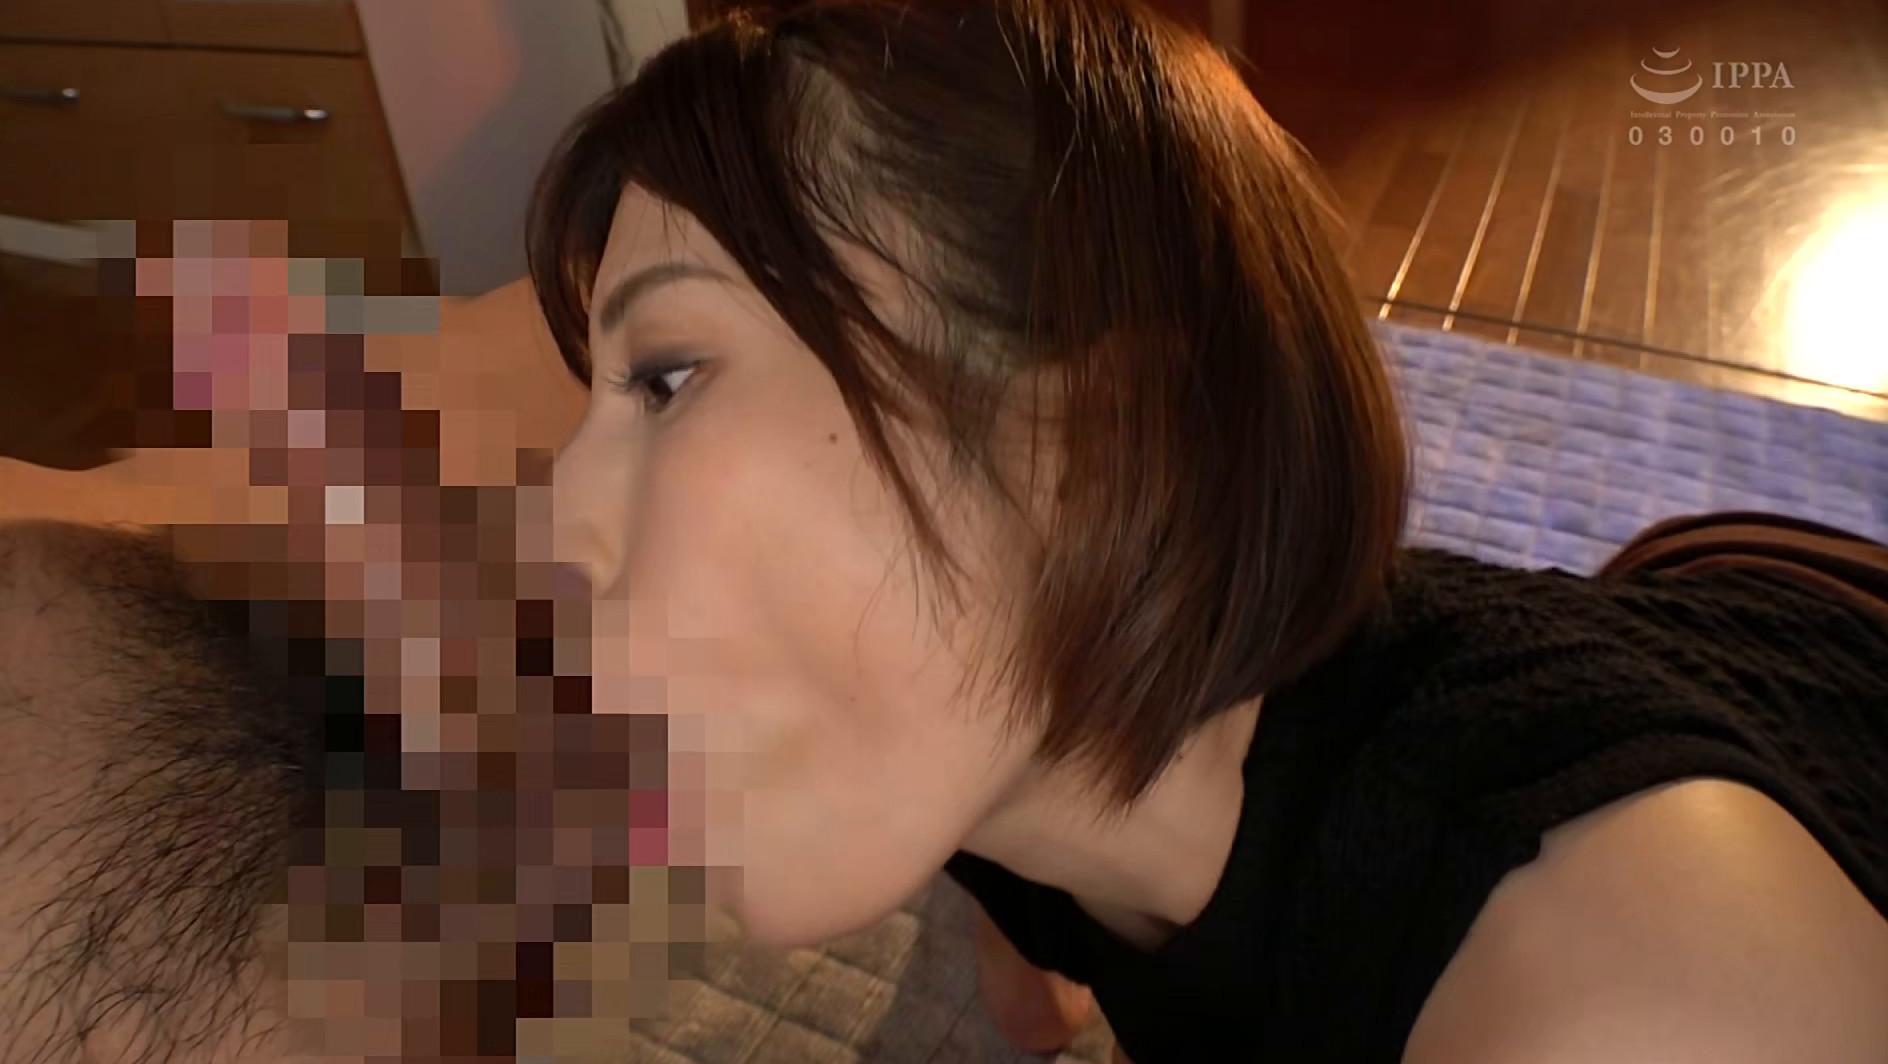 密着大好きお姉さんが耳元で淫語を囁きながらず~っと乳首を責めてきます・・・。 若宮はずき 画像5